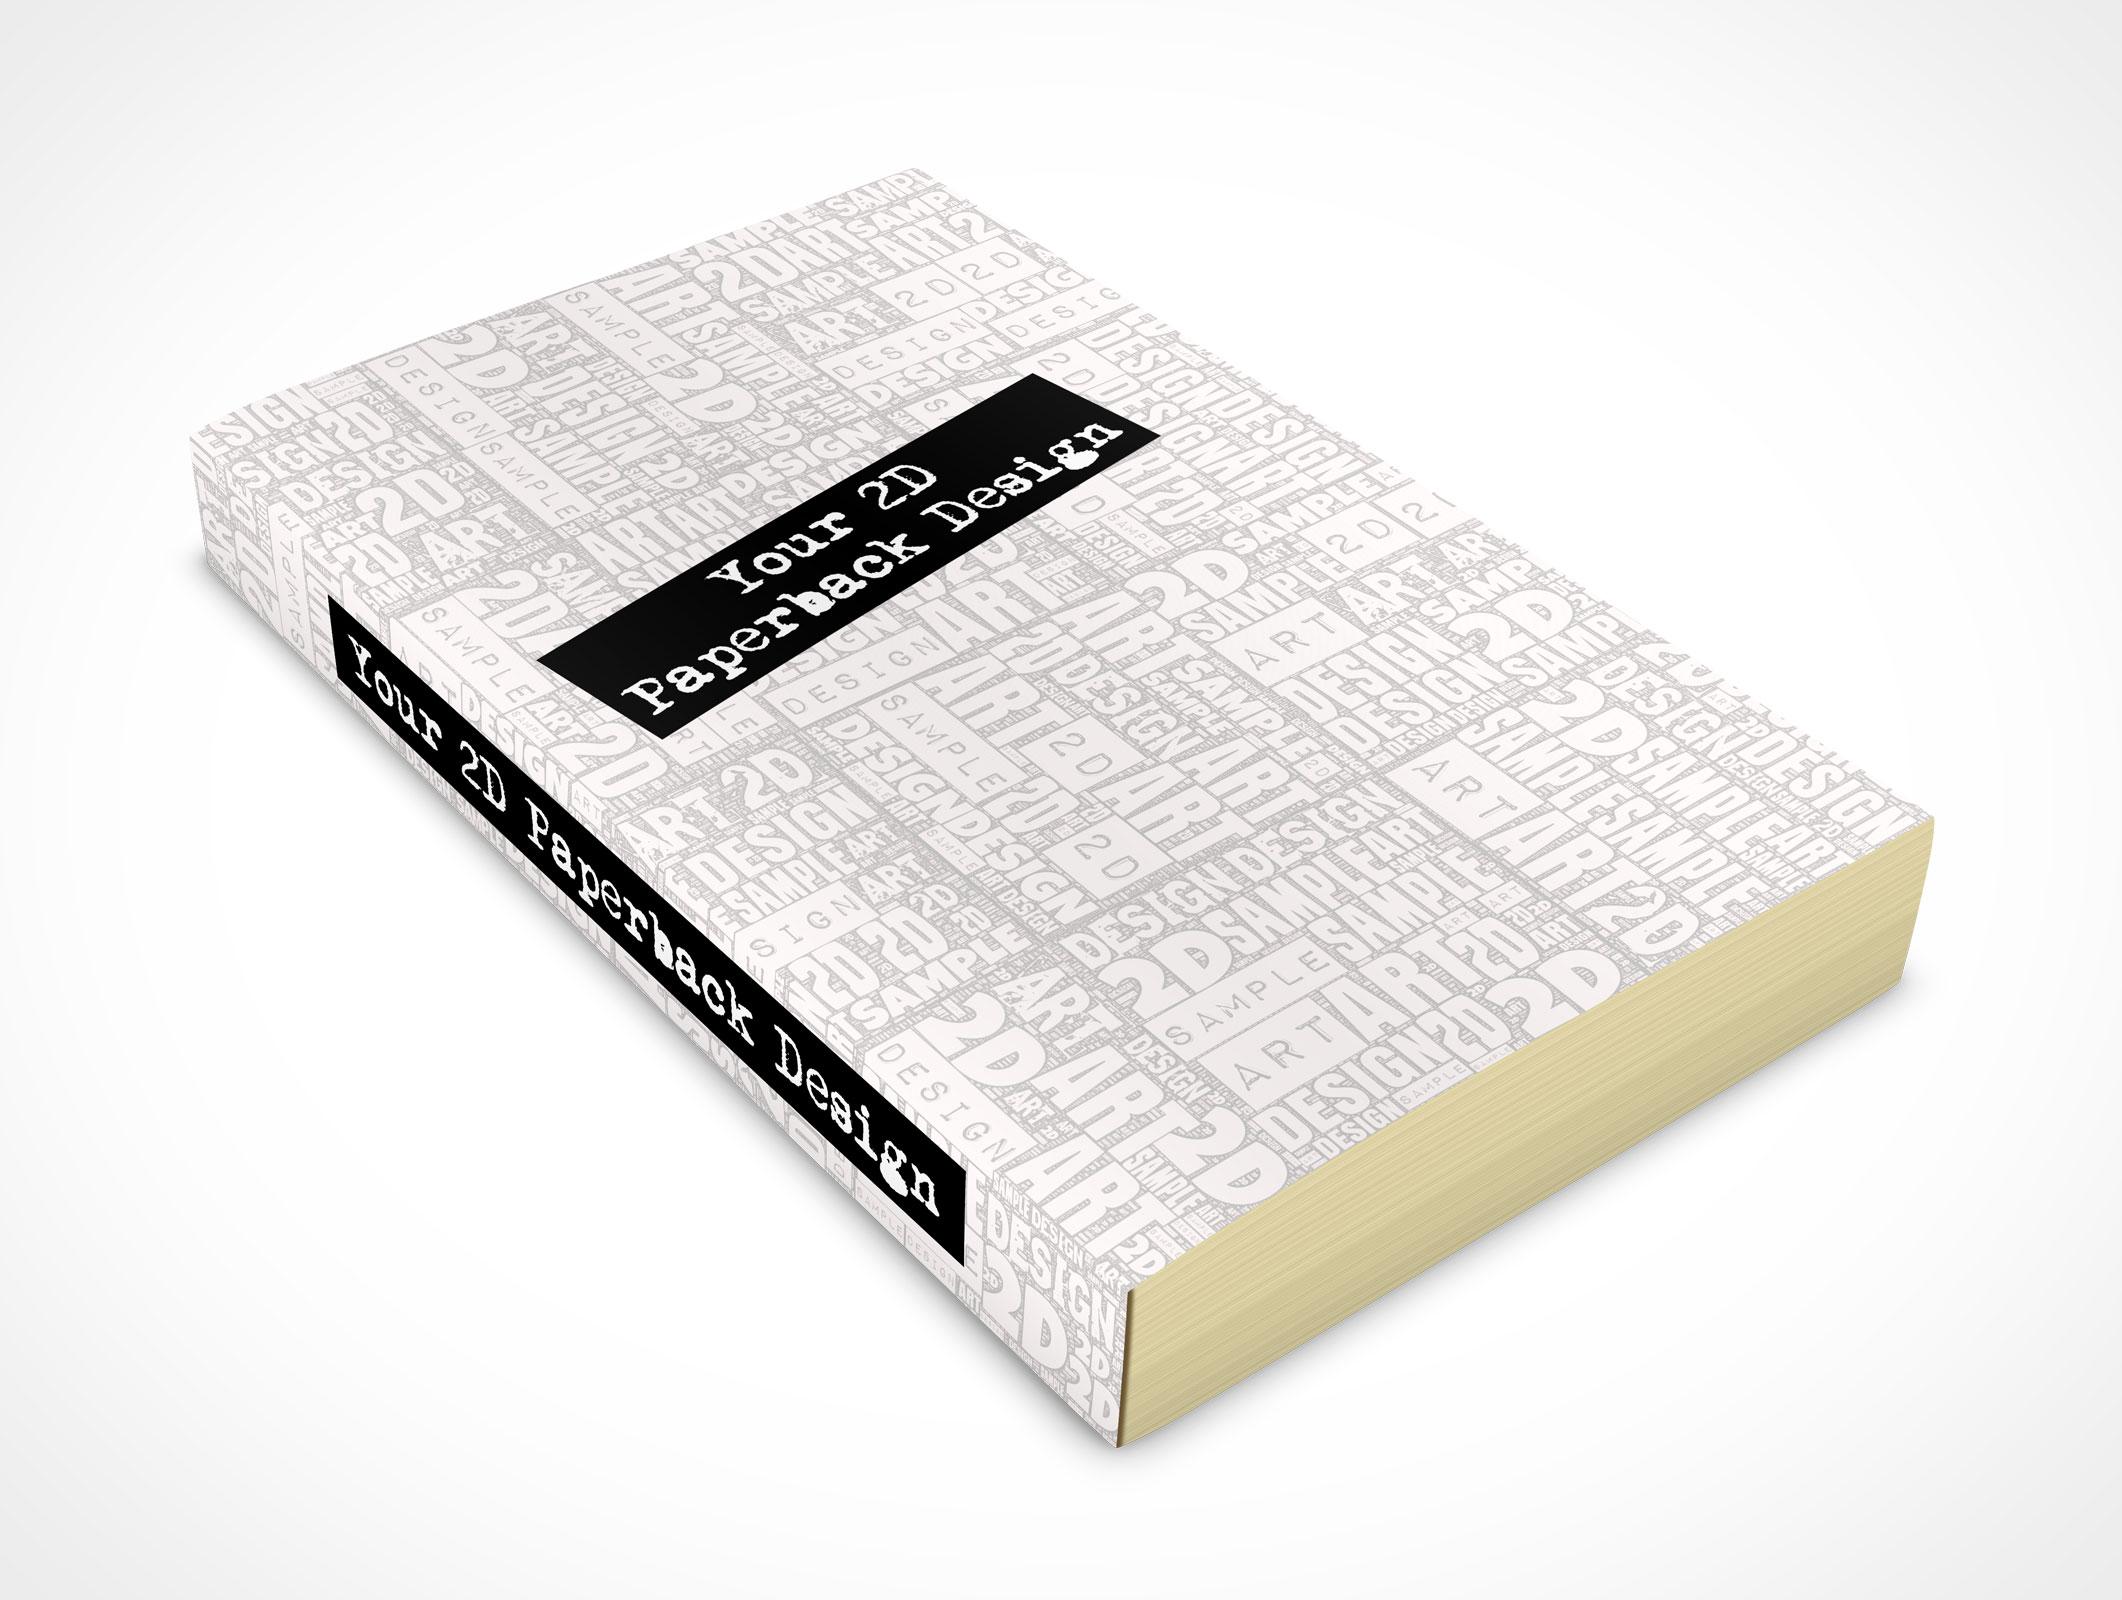 Vintage Soft Cover Book Mock Up ~ Paperback market your psd mockups for